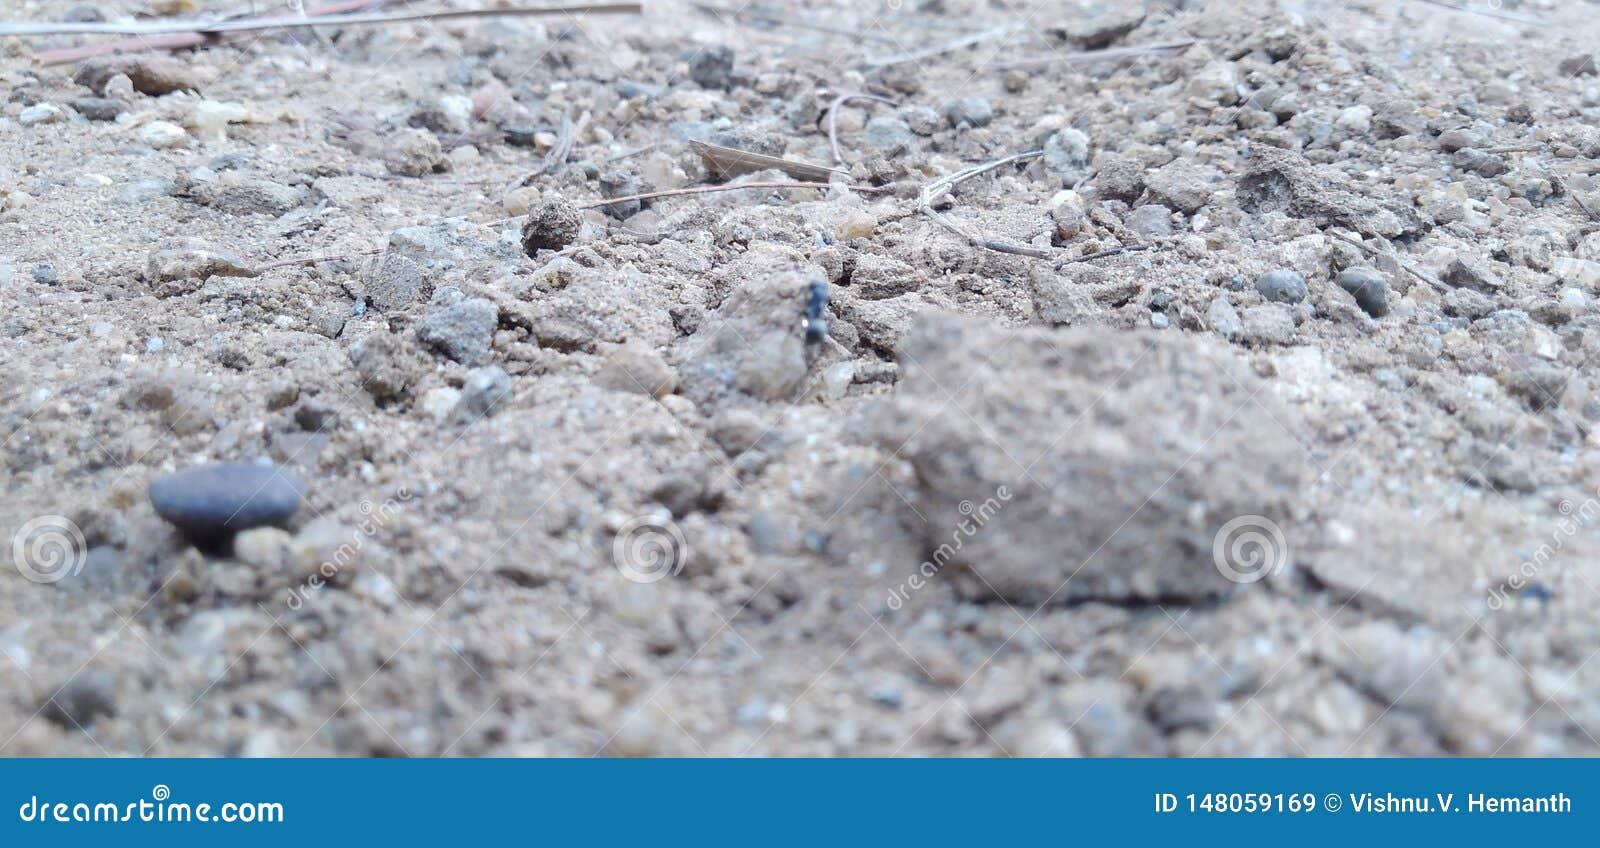 Βράχοι και ραβδιά και ένα μυρμήγκι και κάποια άμμος